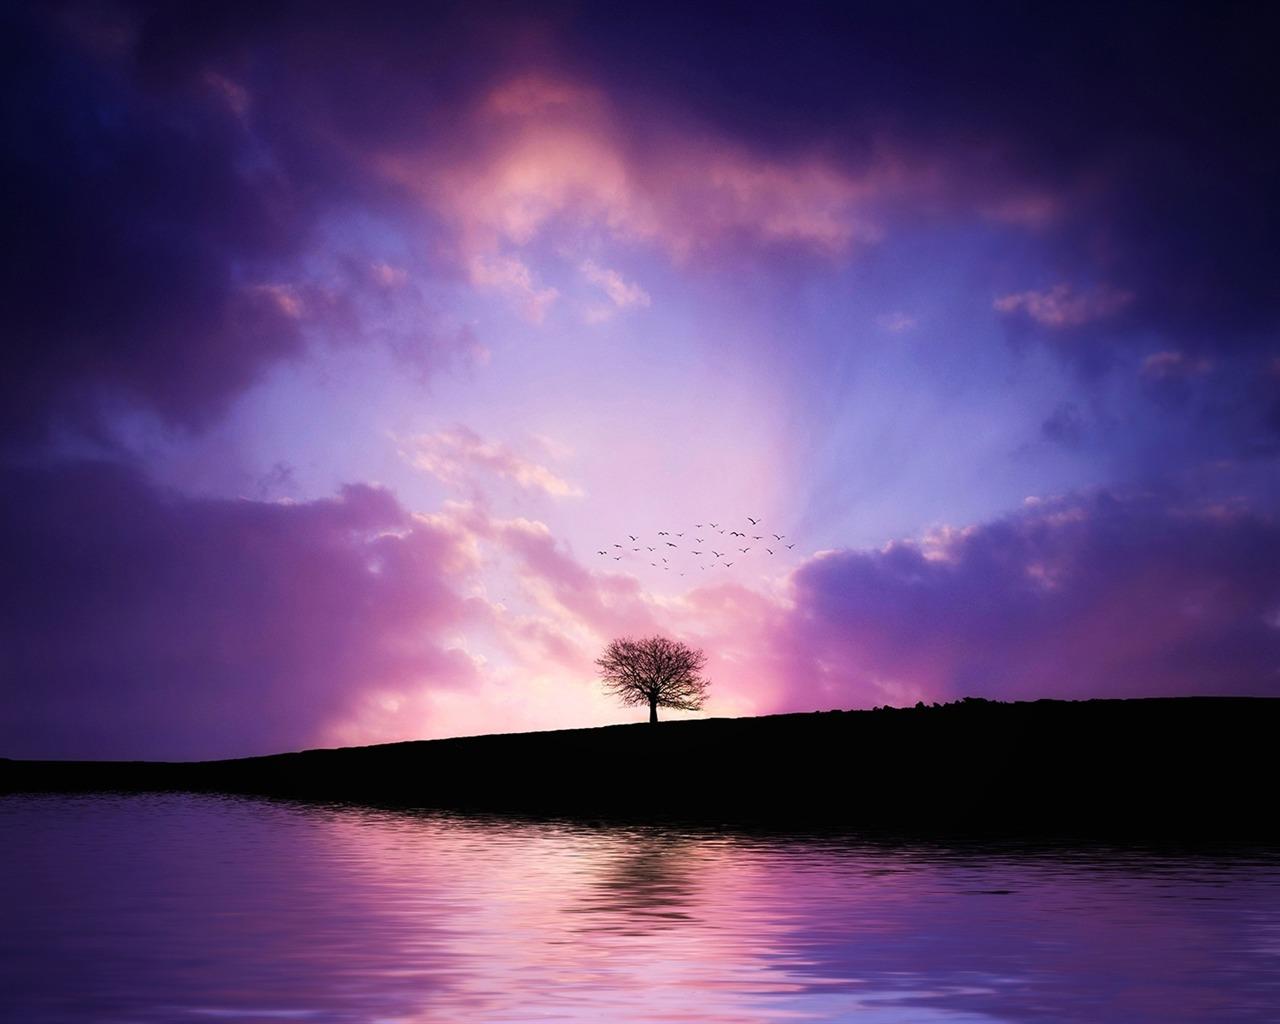 描述: 紫树日落-高清宽屏壁纸 当前壁纸尺寸: 1280 x 1024图片